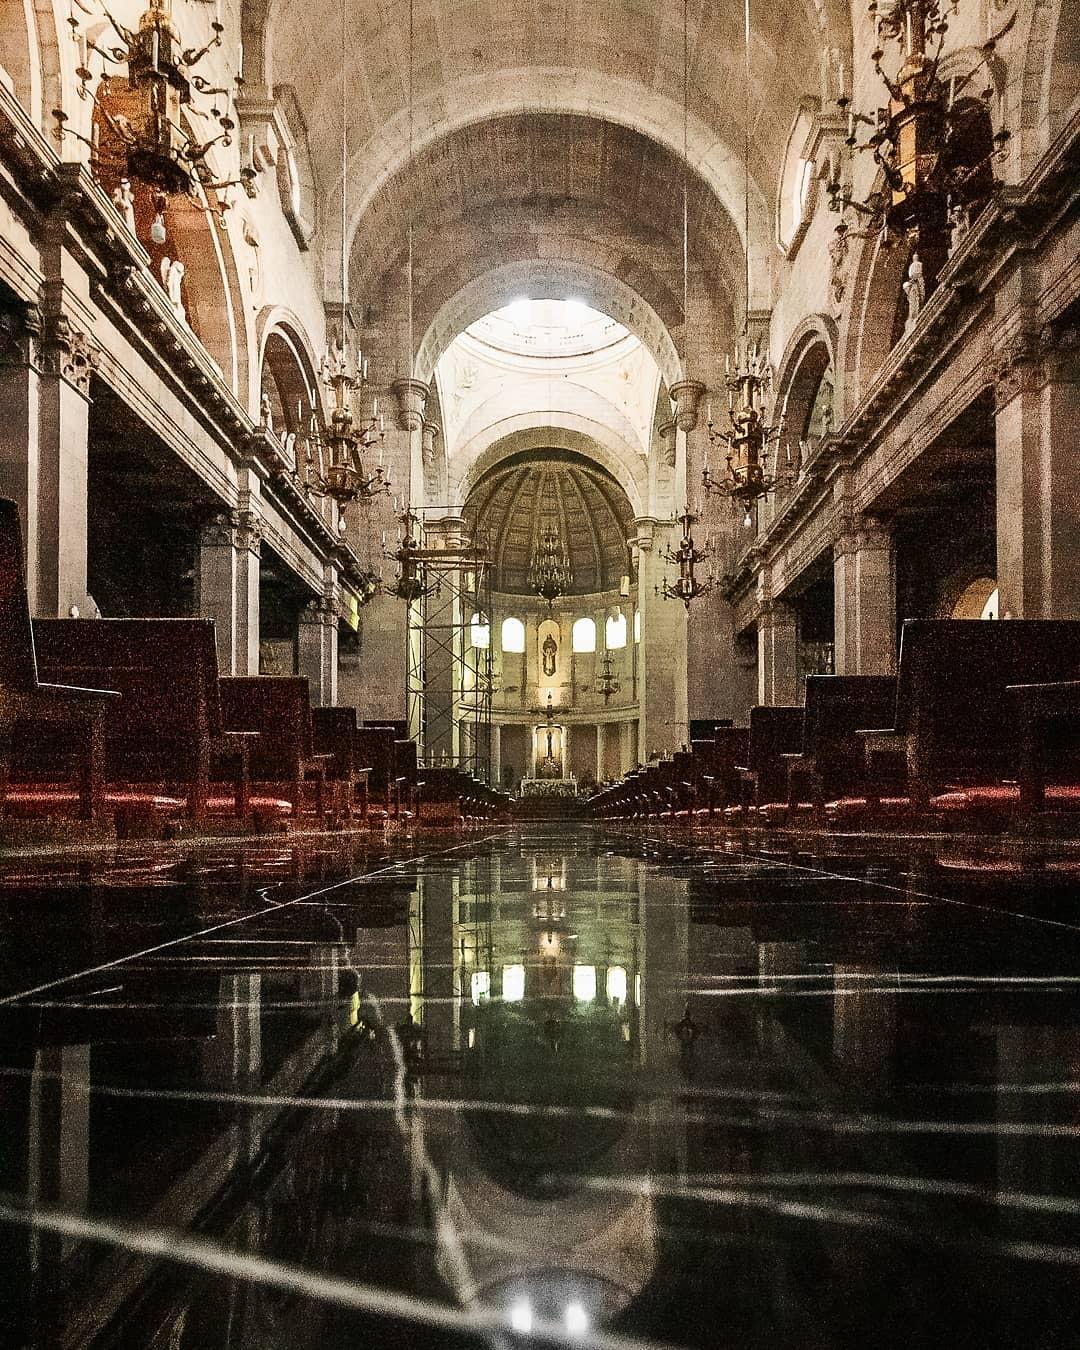 Me Gusta Mucho Jugar Con La Perspectiva Toluca - Architecture